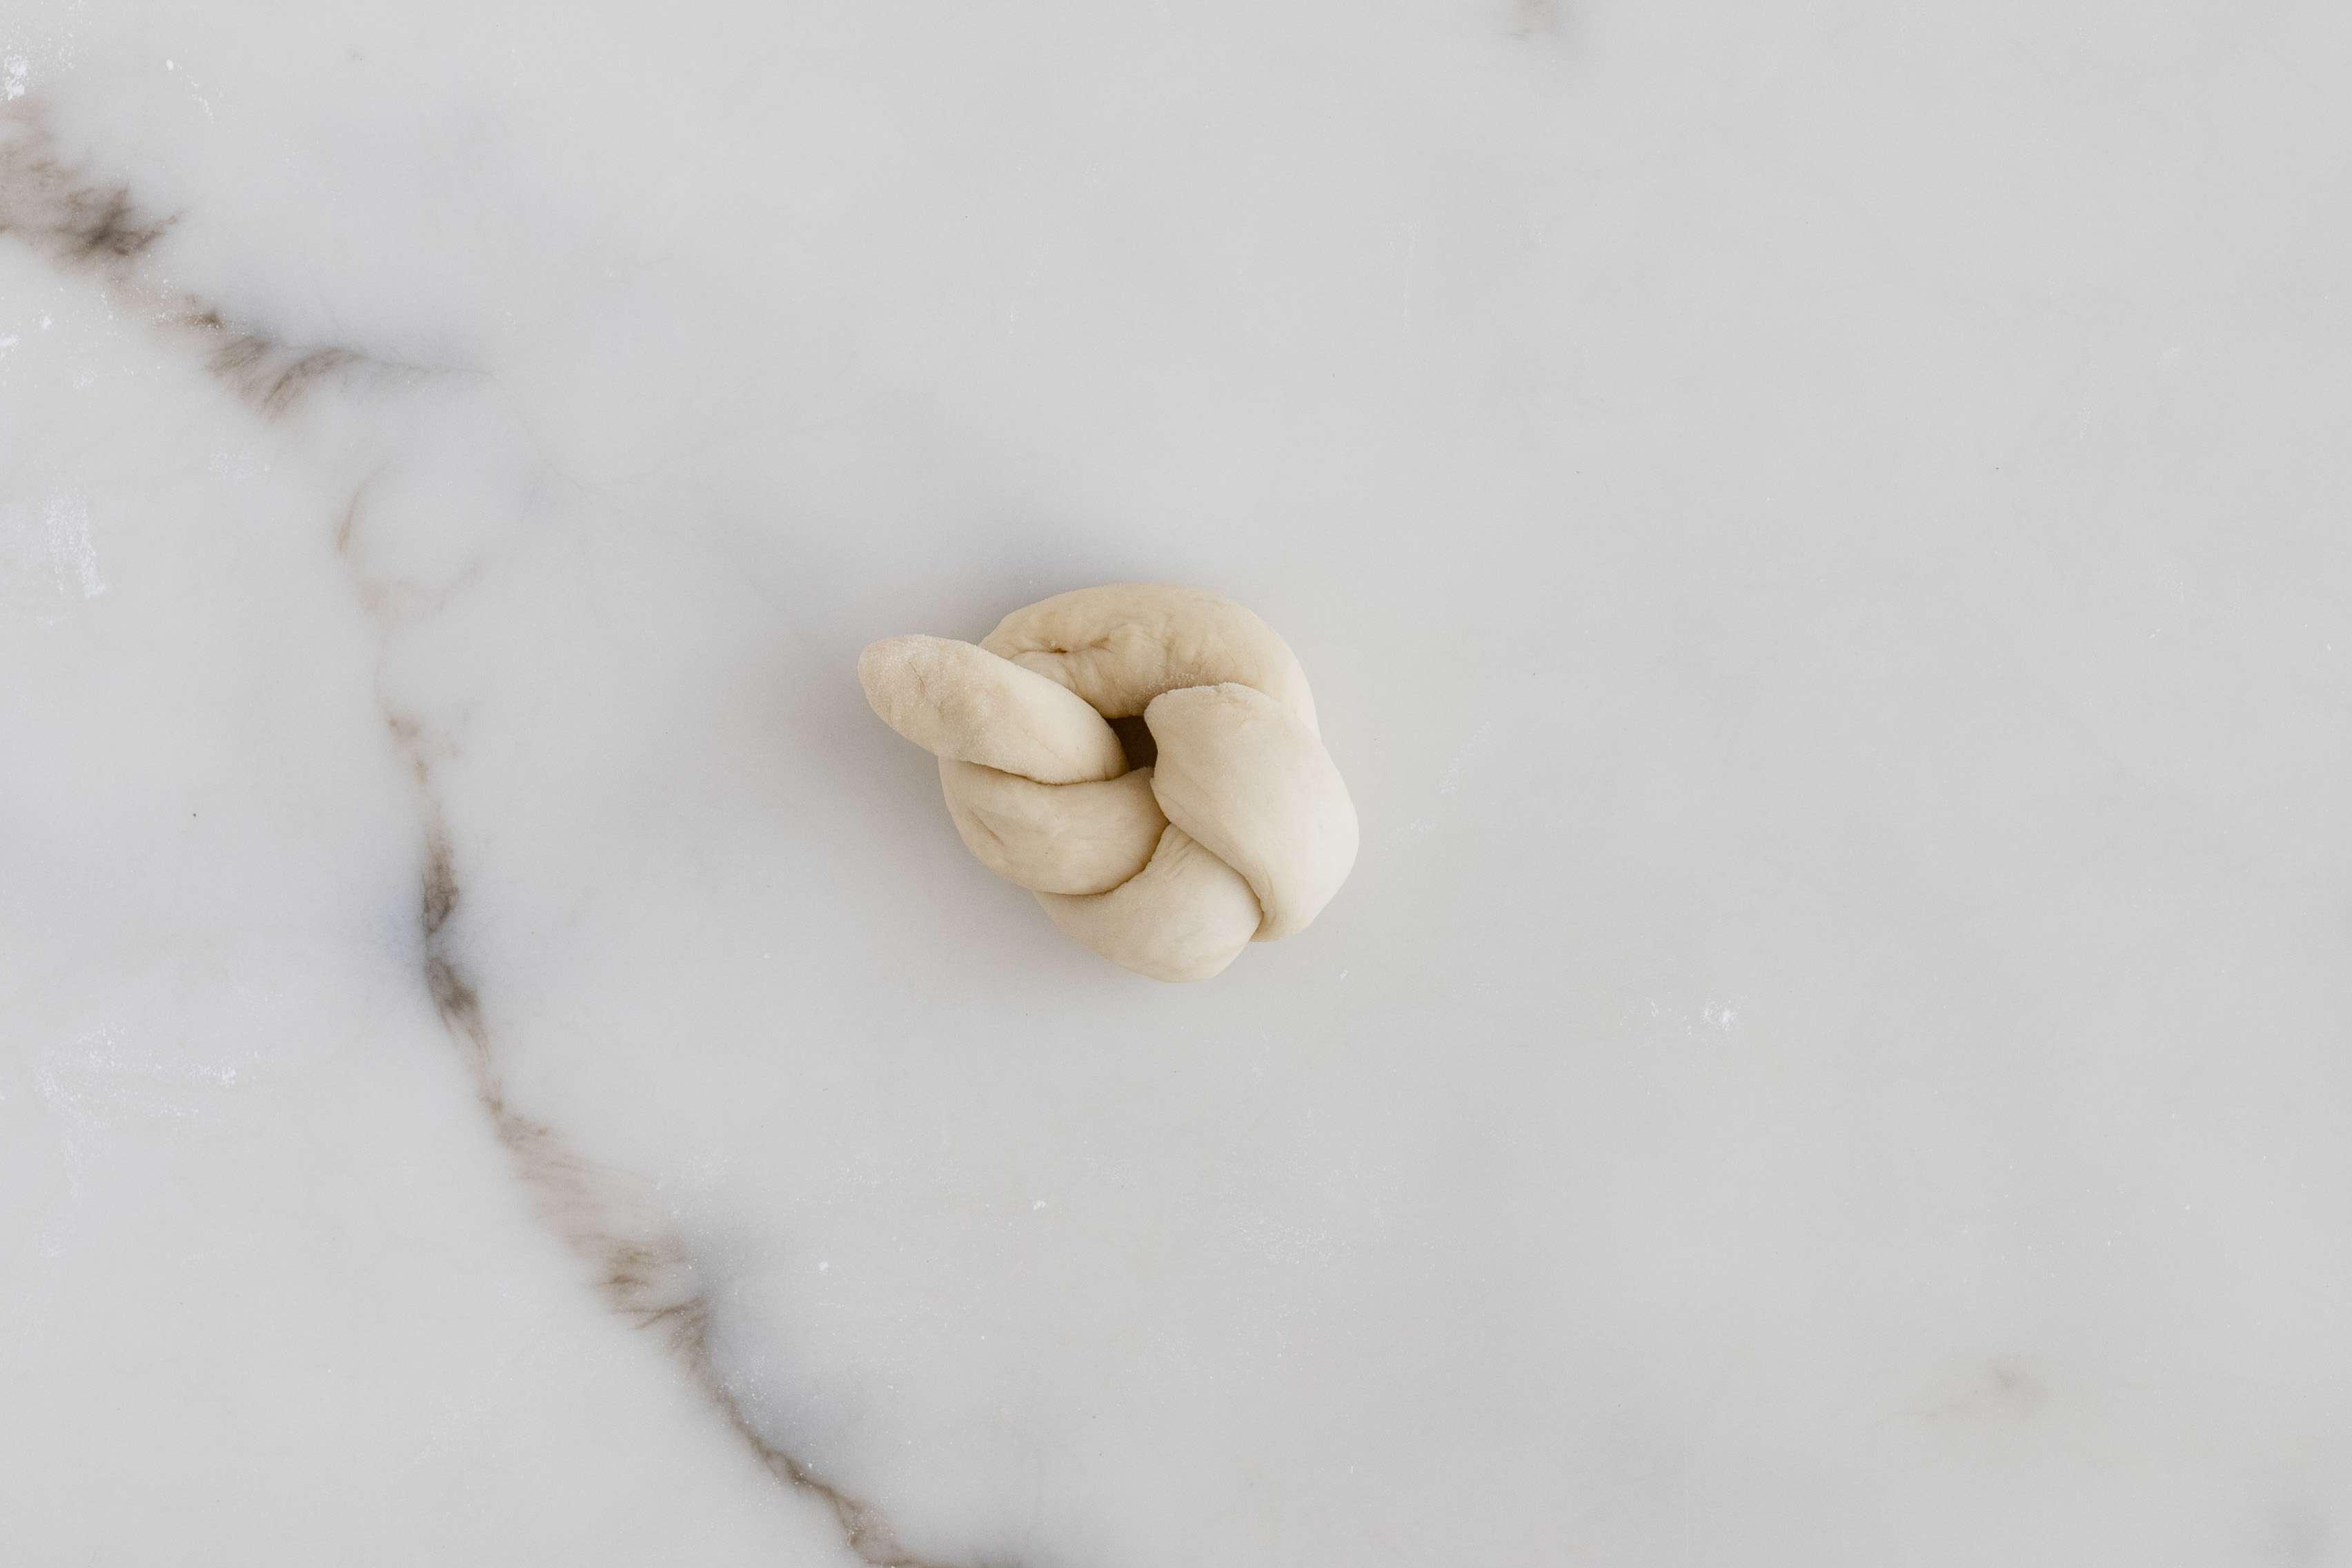 Knot dough